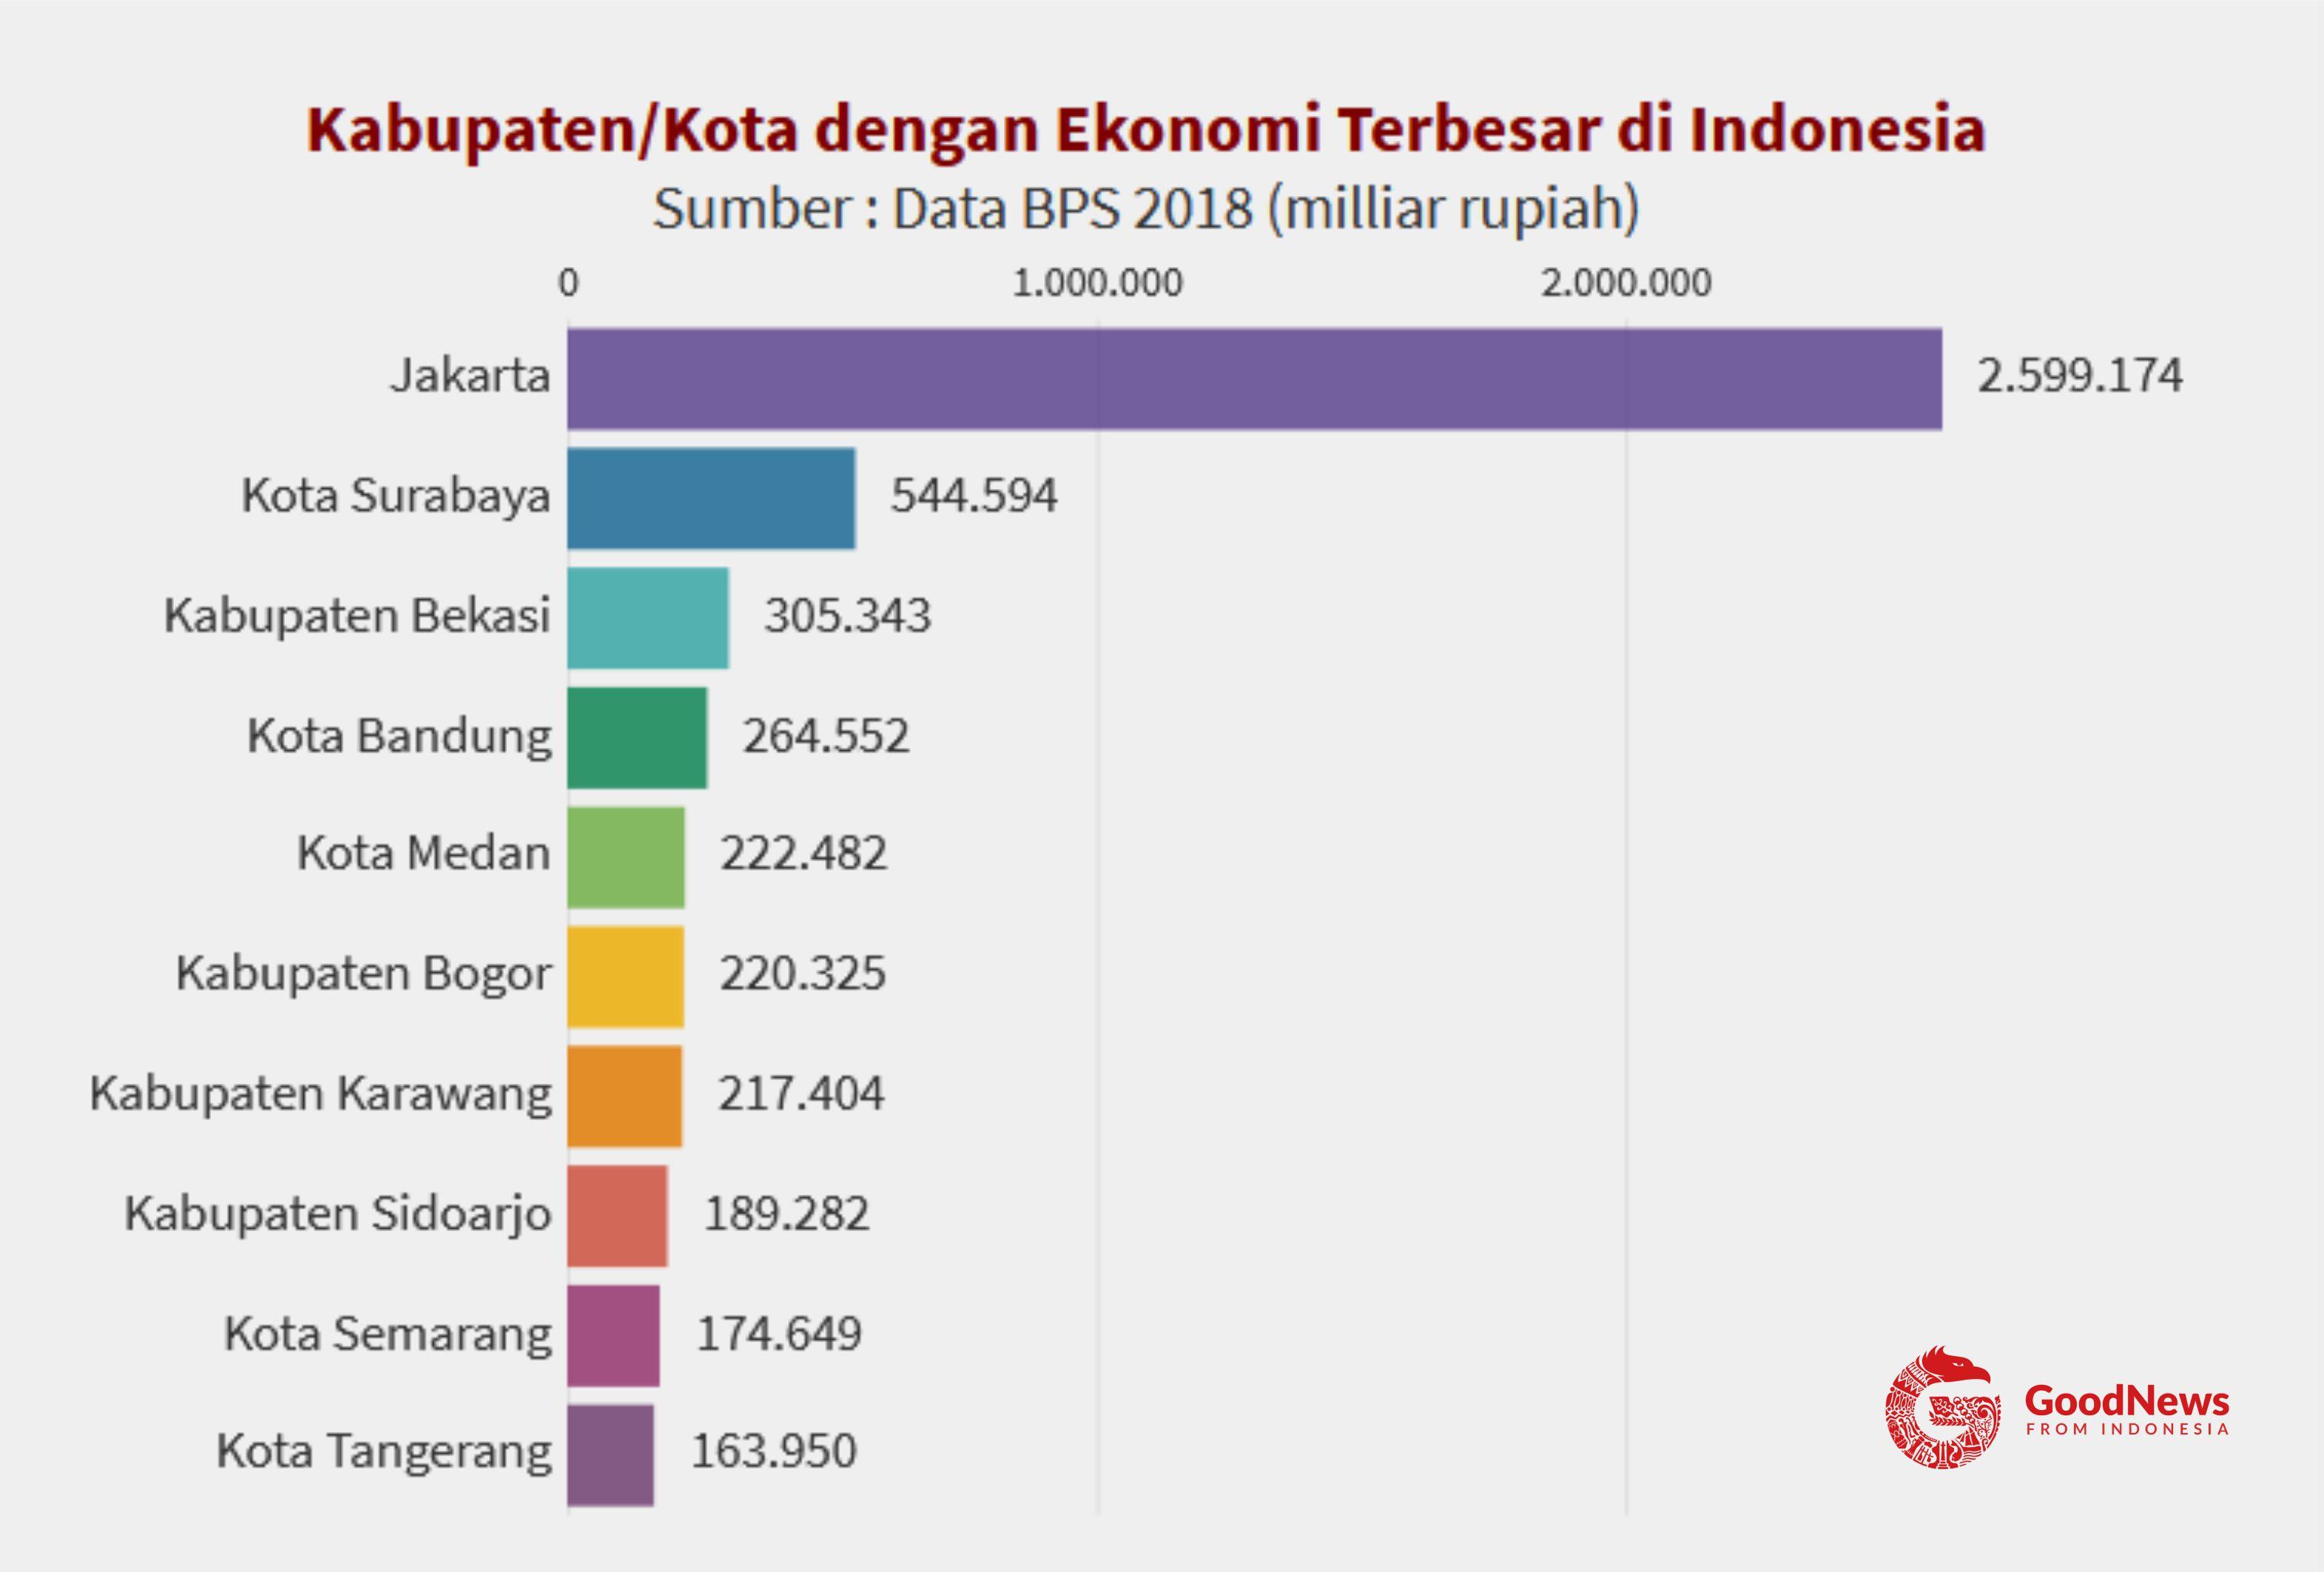 10 kabupaten/kota dengan skala ekonomi terbesar di Indonesia